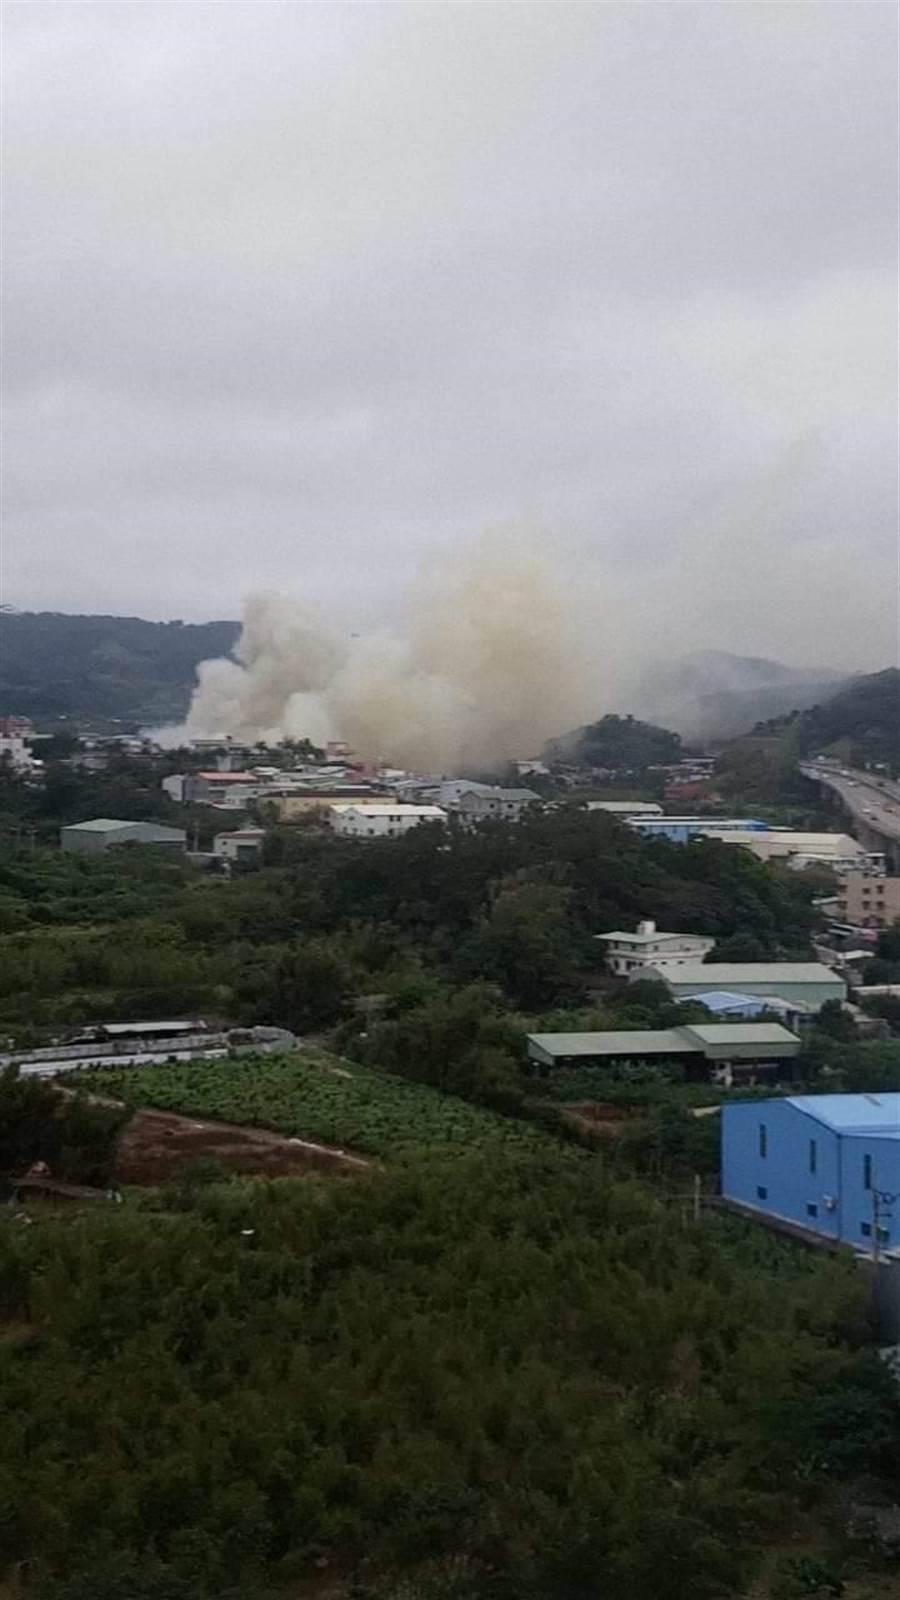 八里工廠火警,從遠處看到工廠上空濃煙密佈。(圖/八里社團))